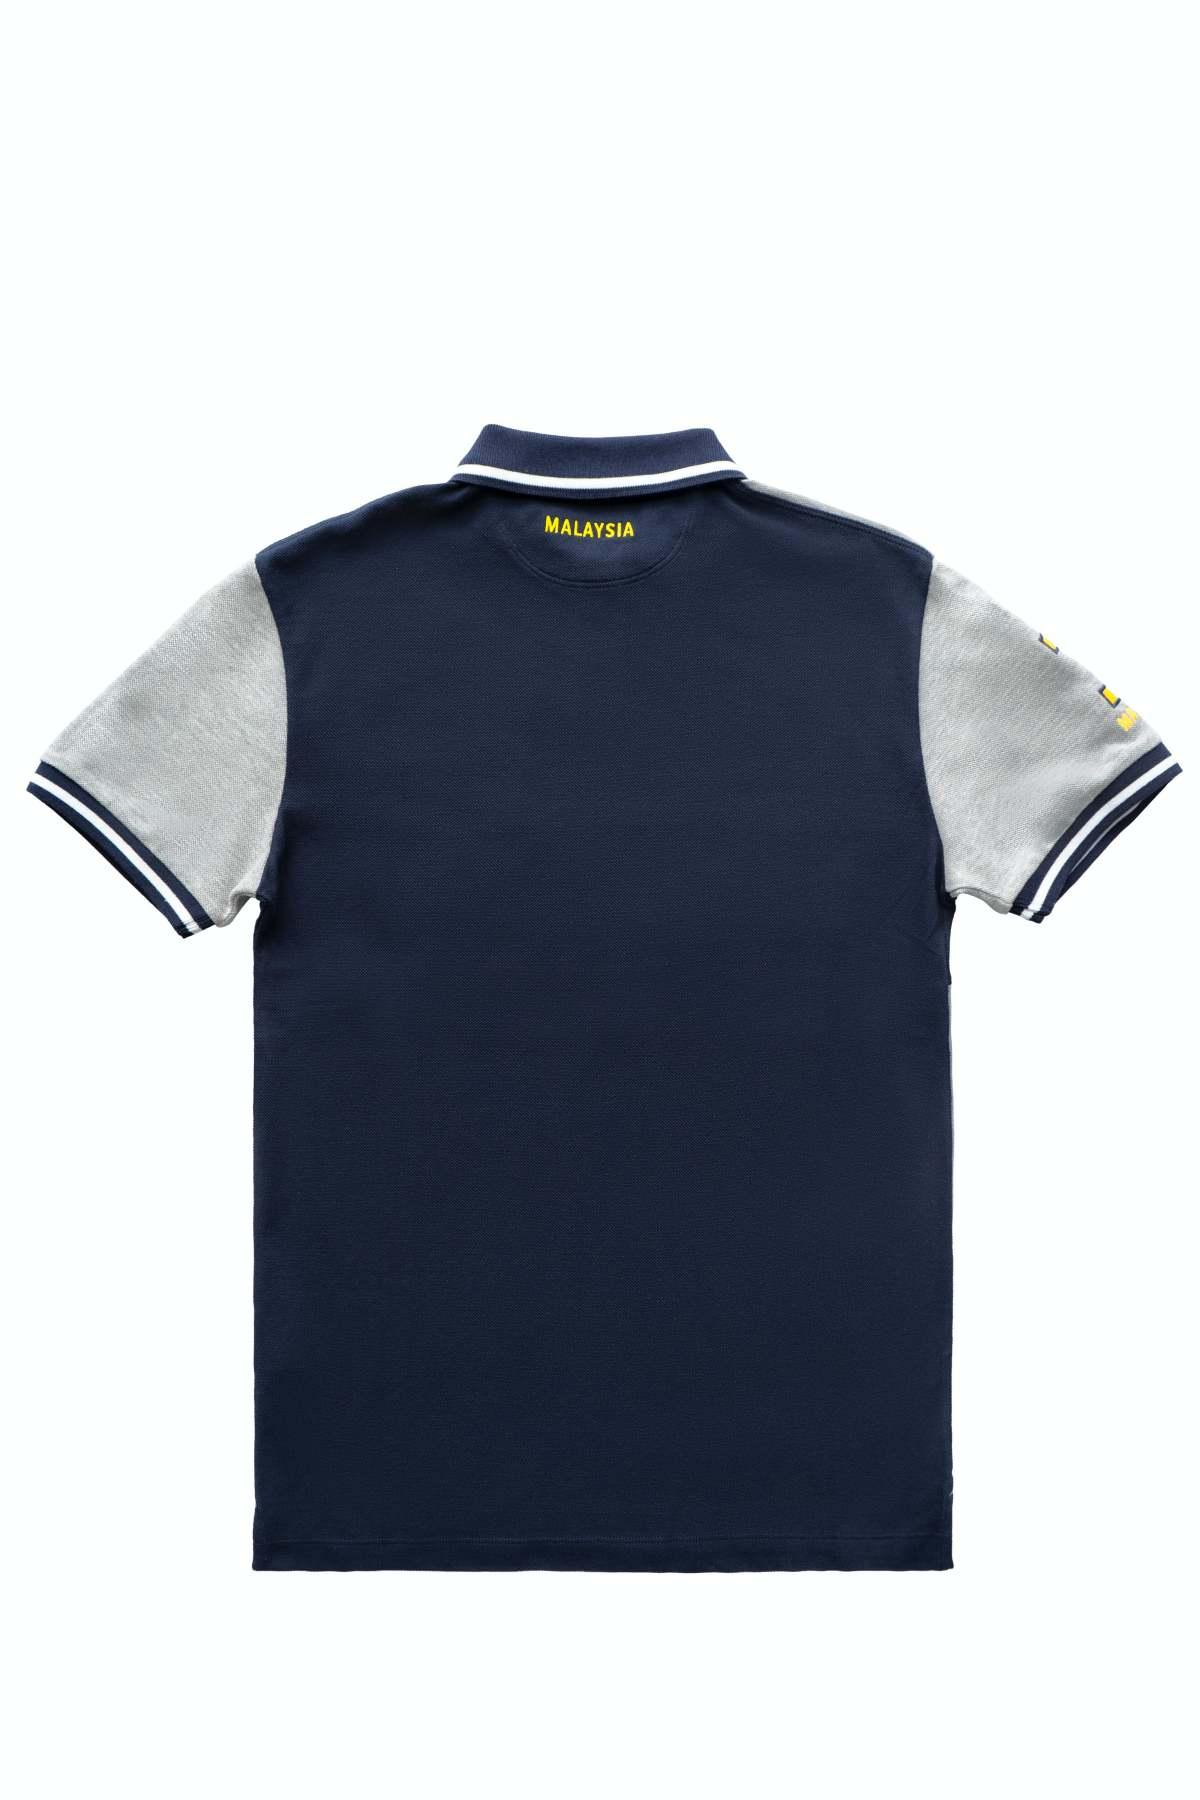 Malaysia Polo